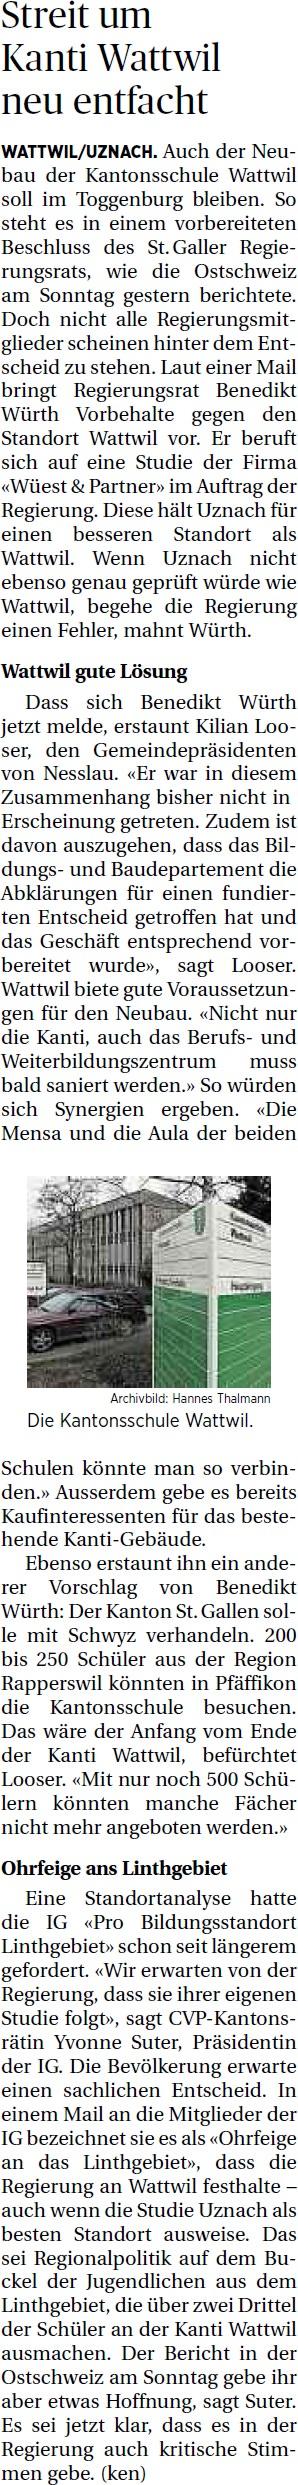 Streit um Kanti Wattwil neu entfacht (Montag, 28.04.2014)